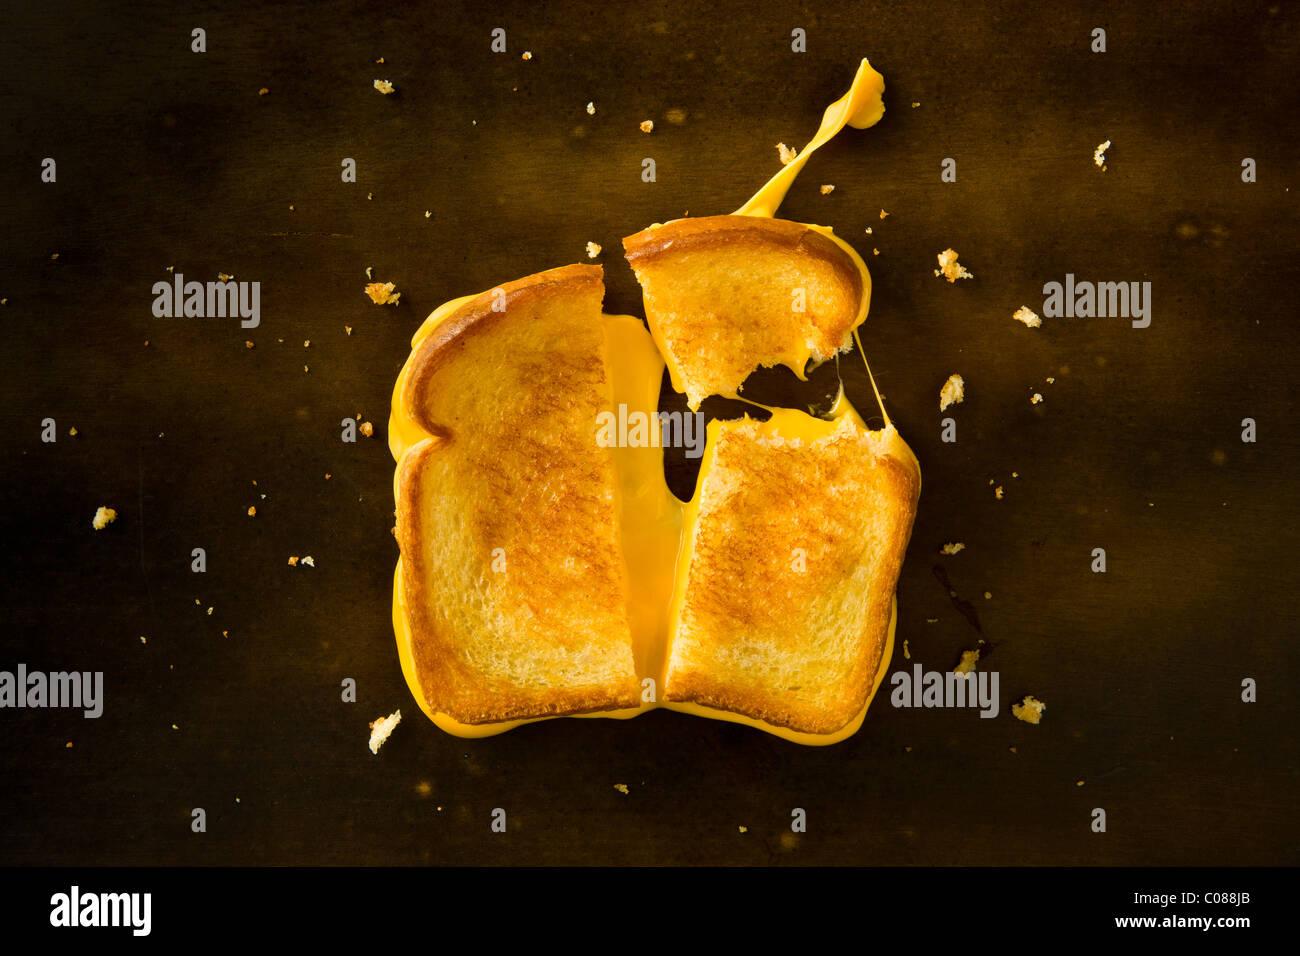 Un sandwich au fromage coupé en deux et avec le coin supérieur droit de rupture tirant le fromage sur Photo Stock